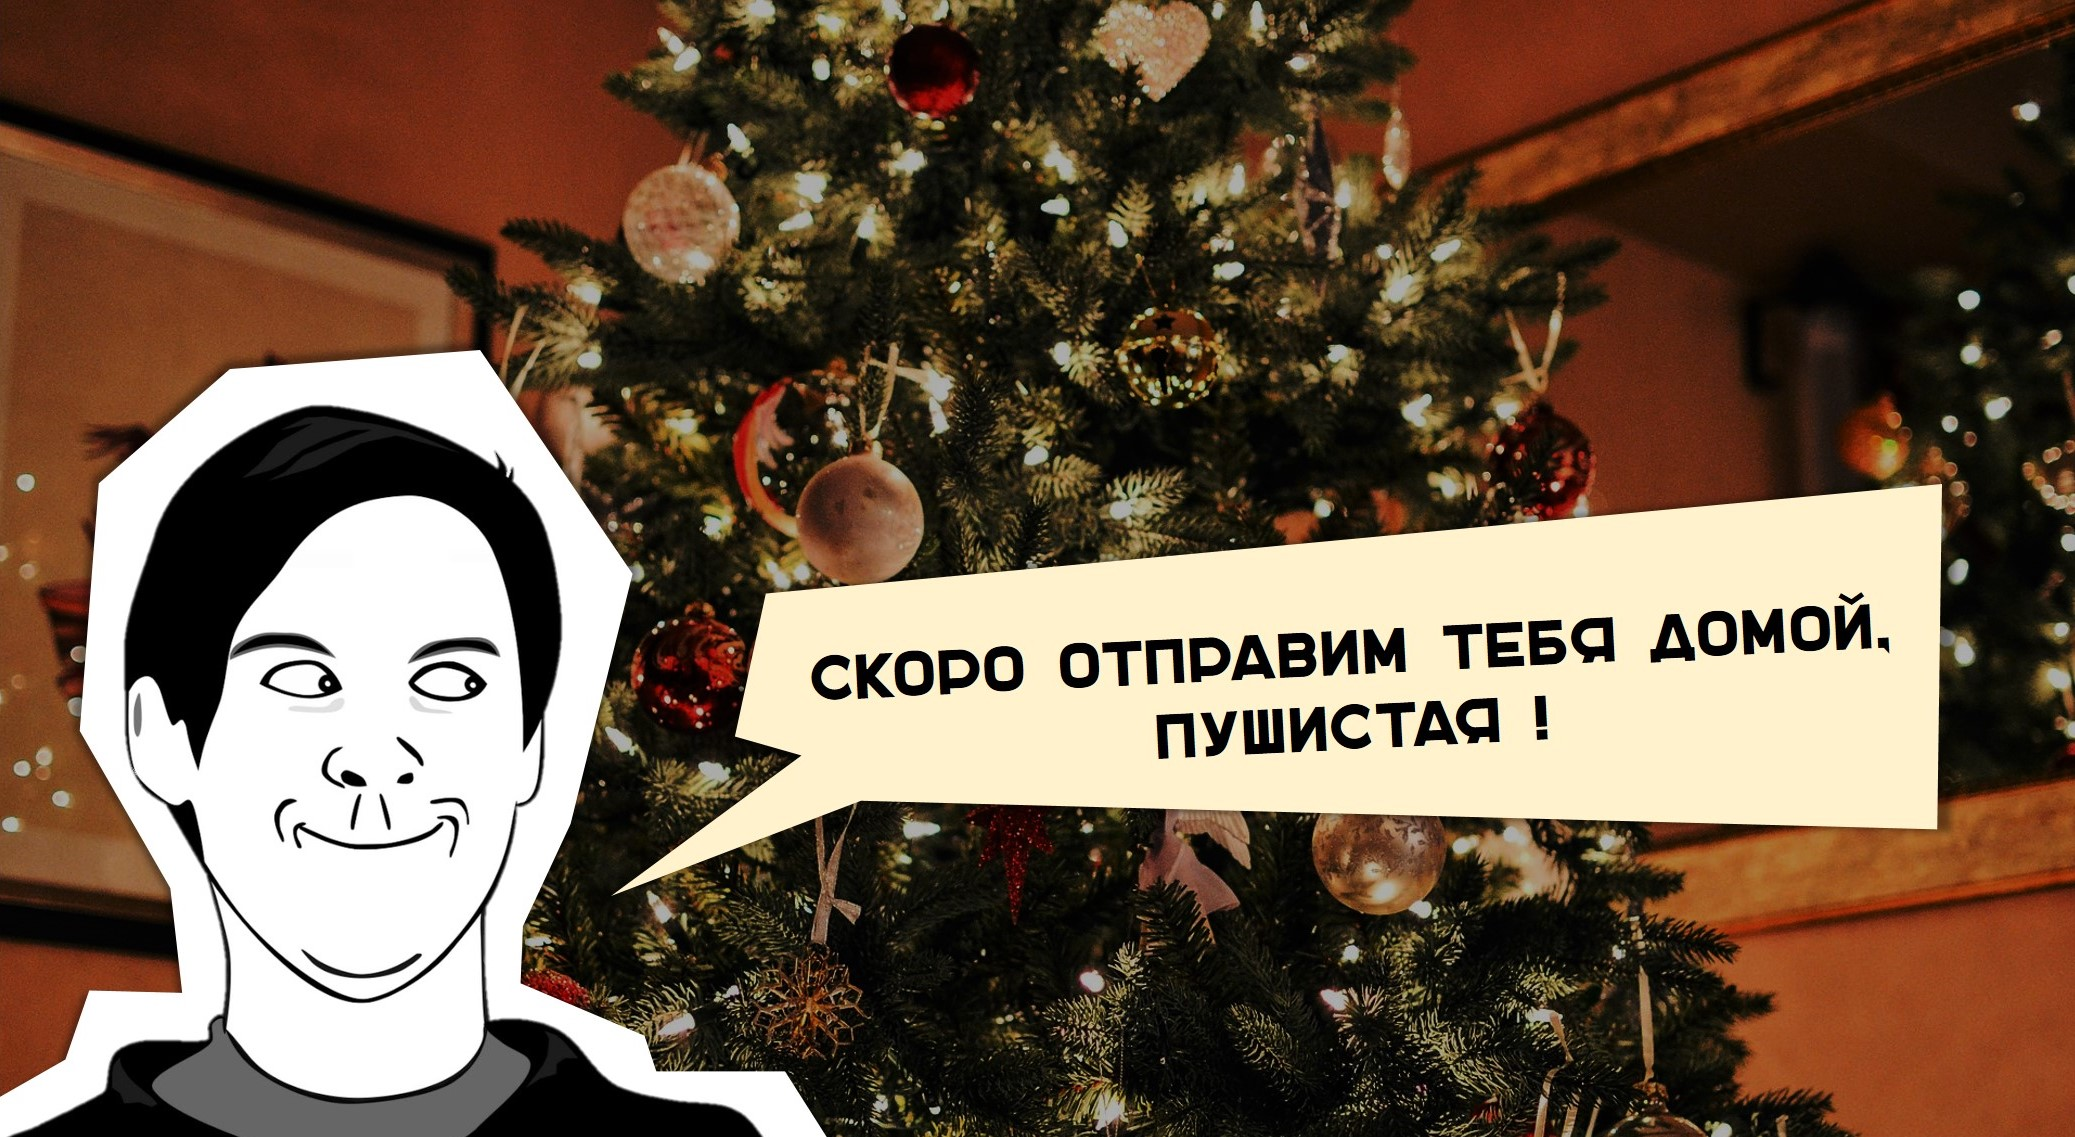 можно ли сдавать новогоднюю елку https://grosh-blog.ru